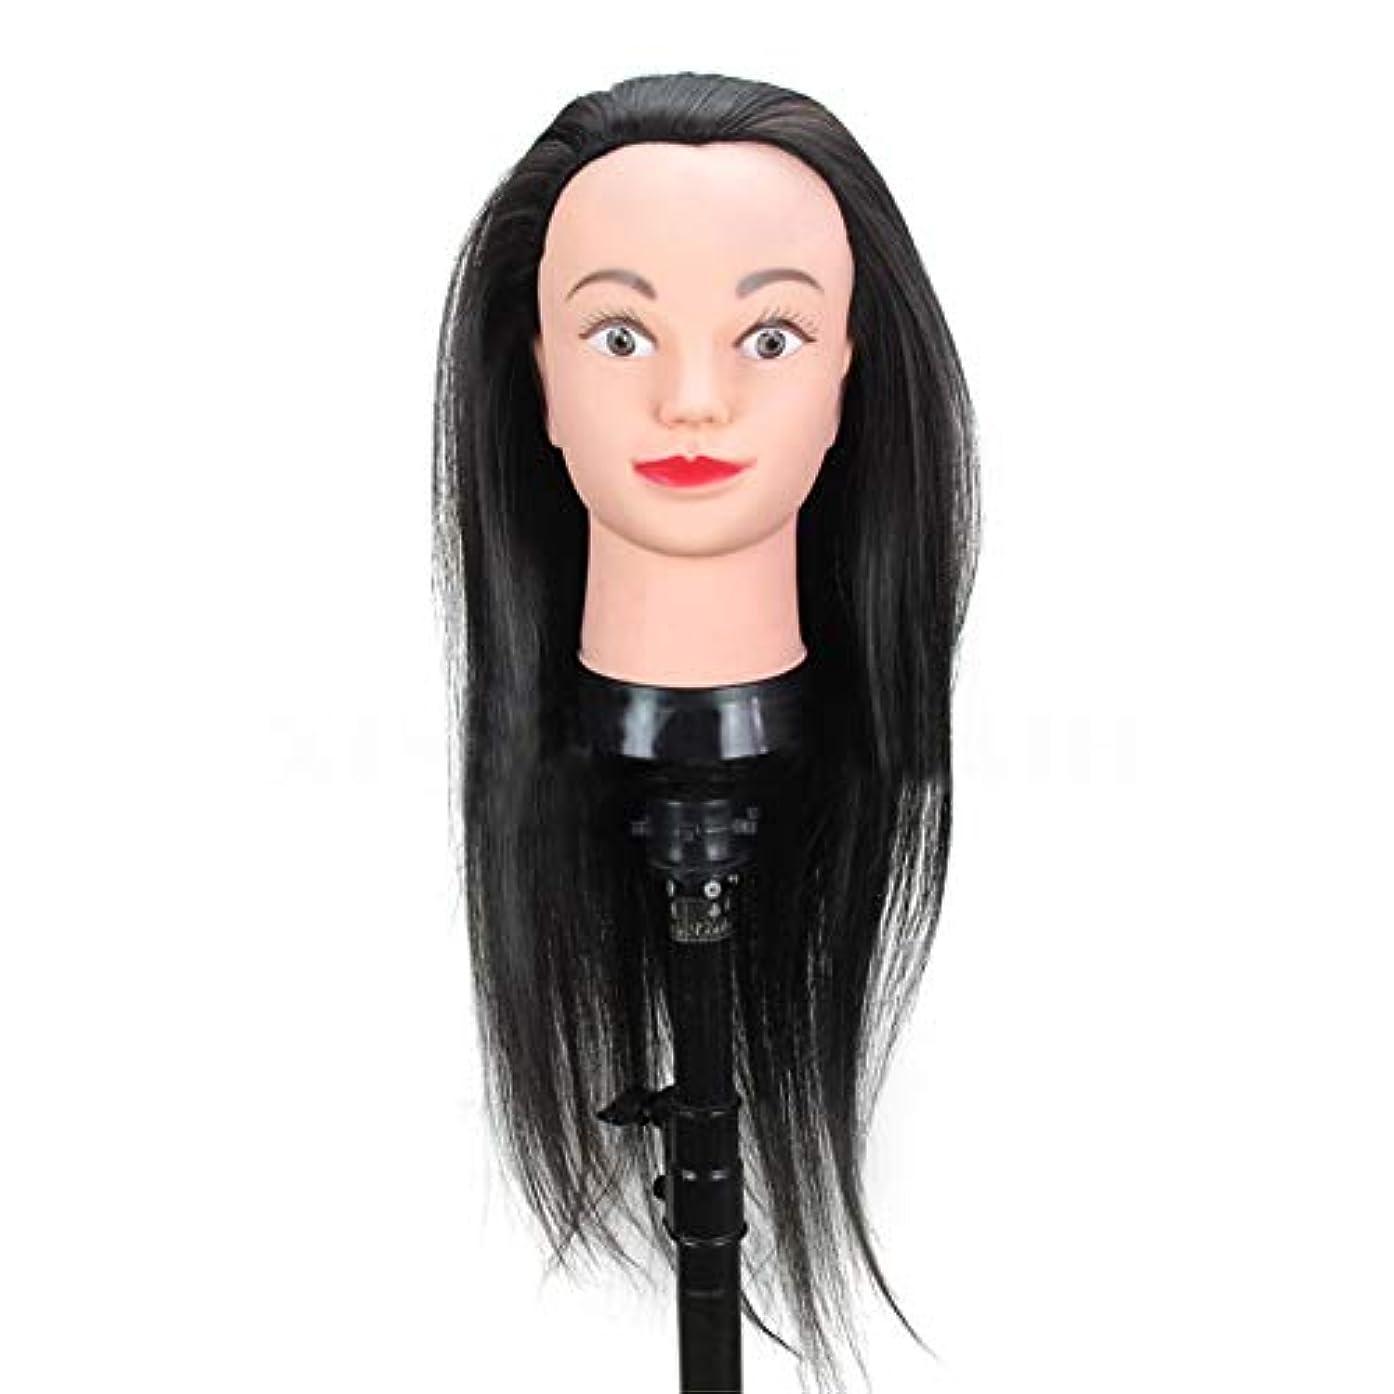 家禽病気だと思う類似性高温シルク編組ヘアスタイリングヘッドモデル理髪店理髪ダミーヘッド化粧練習マネキンヘッド